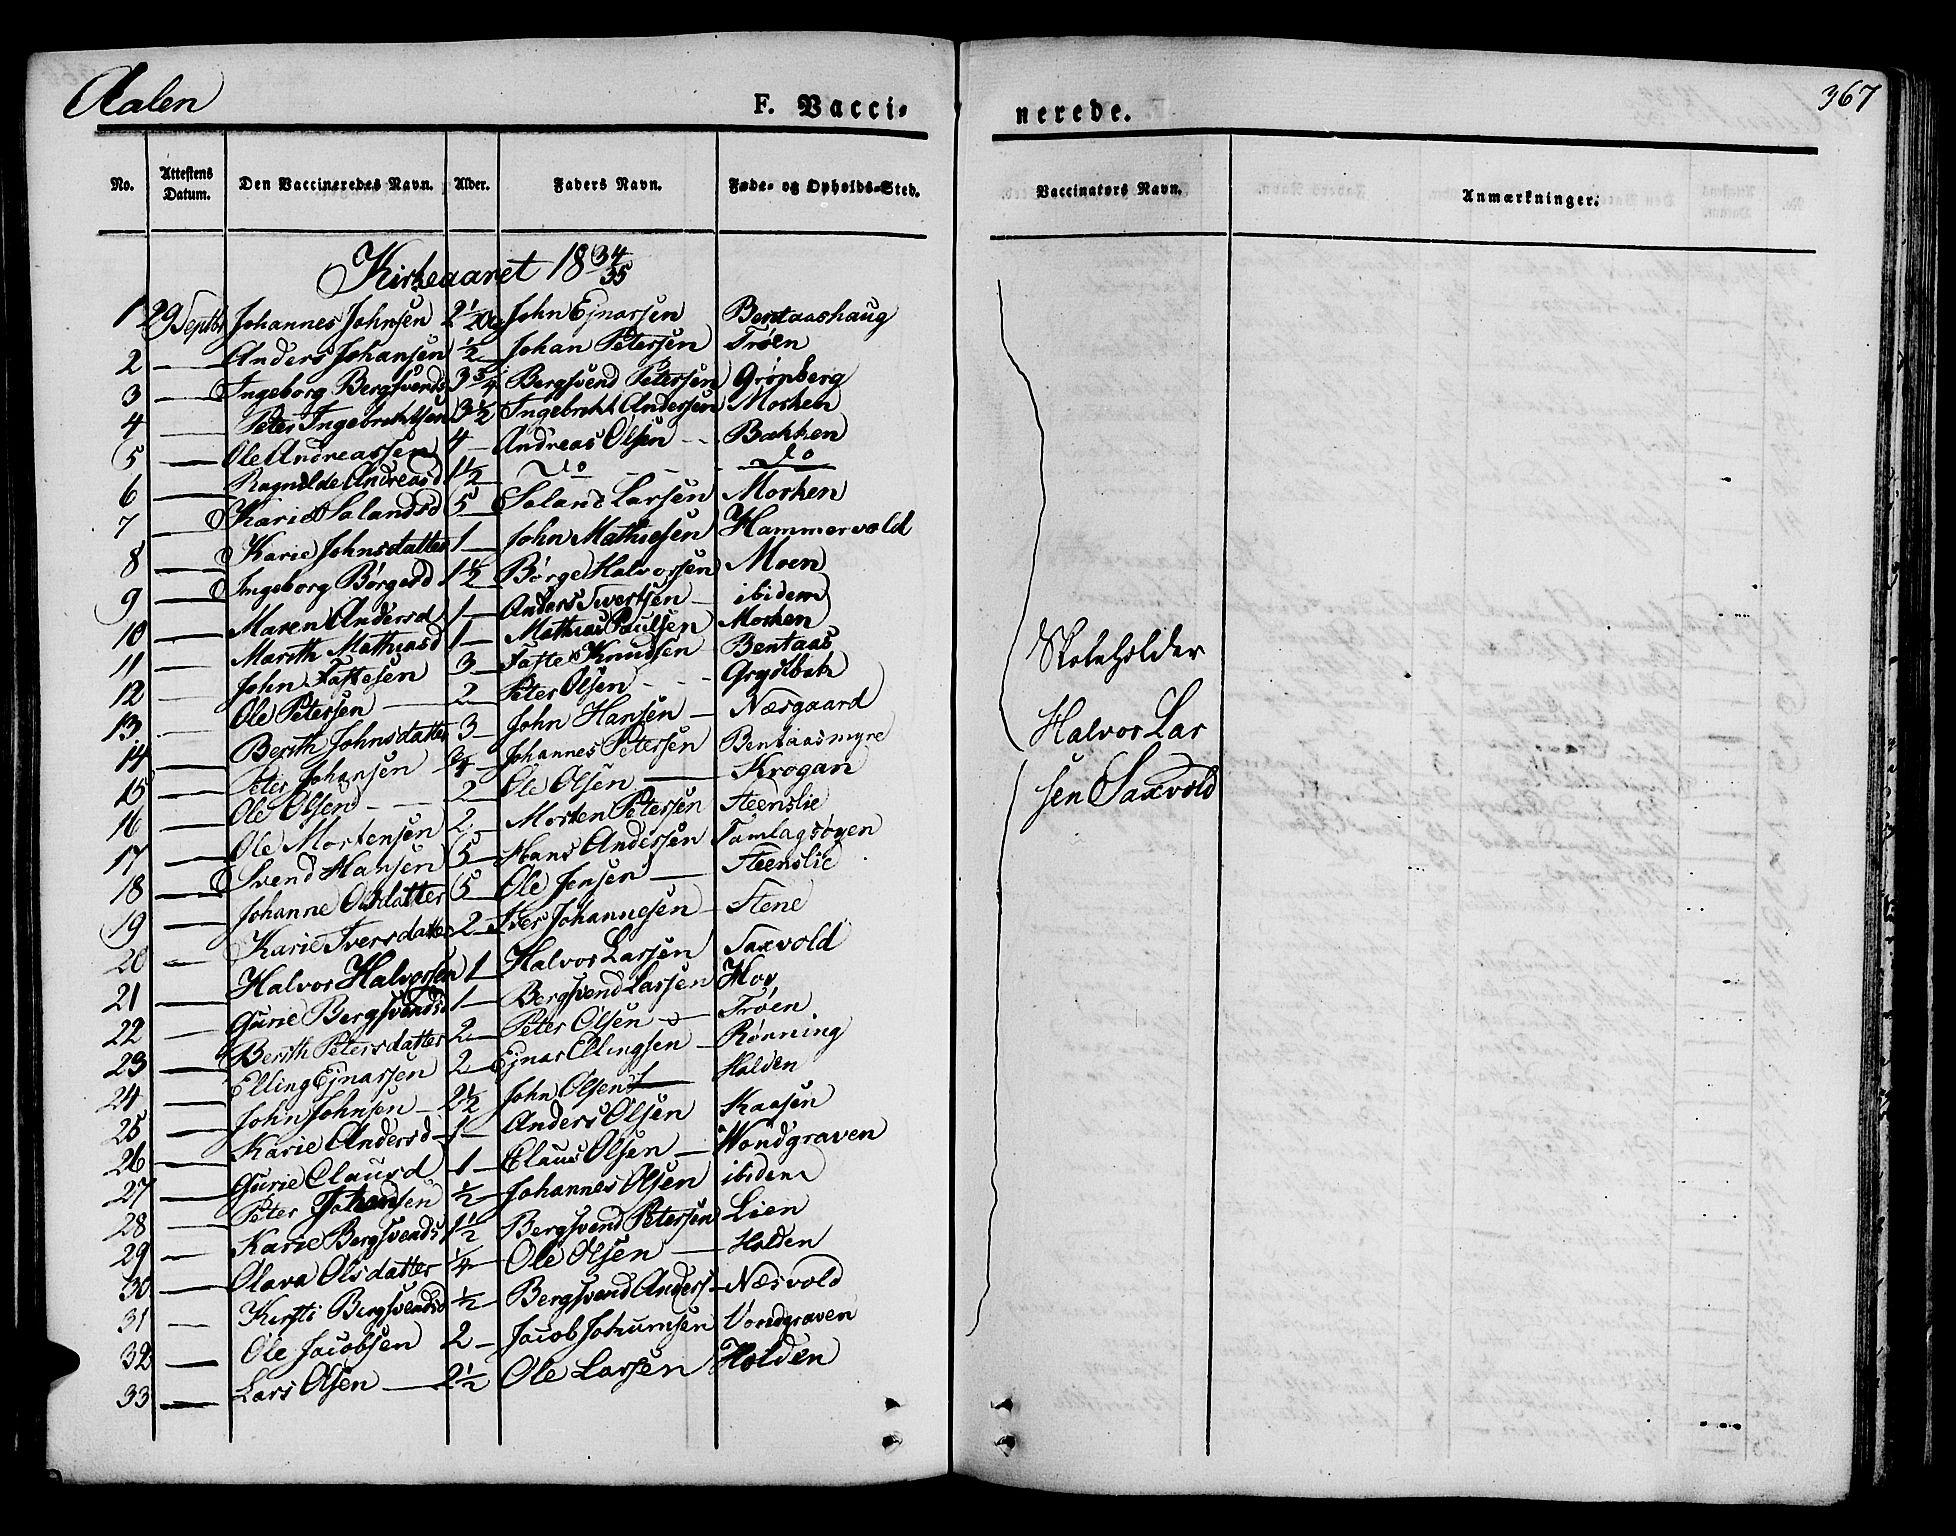 SAT, Ministerialprotokoller, klokkerbøker og fødselsregistre - Sør-Trøndelag, 685/L0962: Ministerialbok nr. 685A05 /3, 1829-1845, s. 367